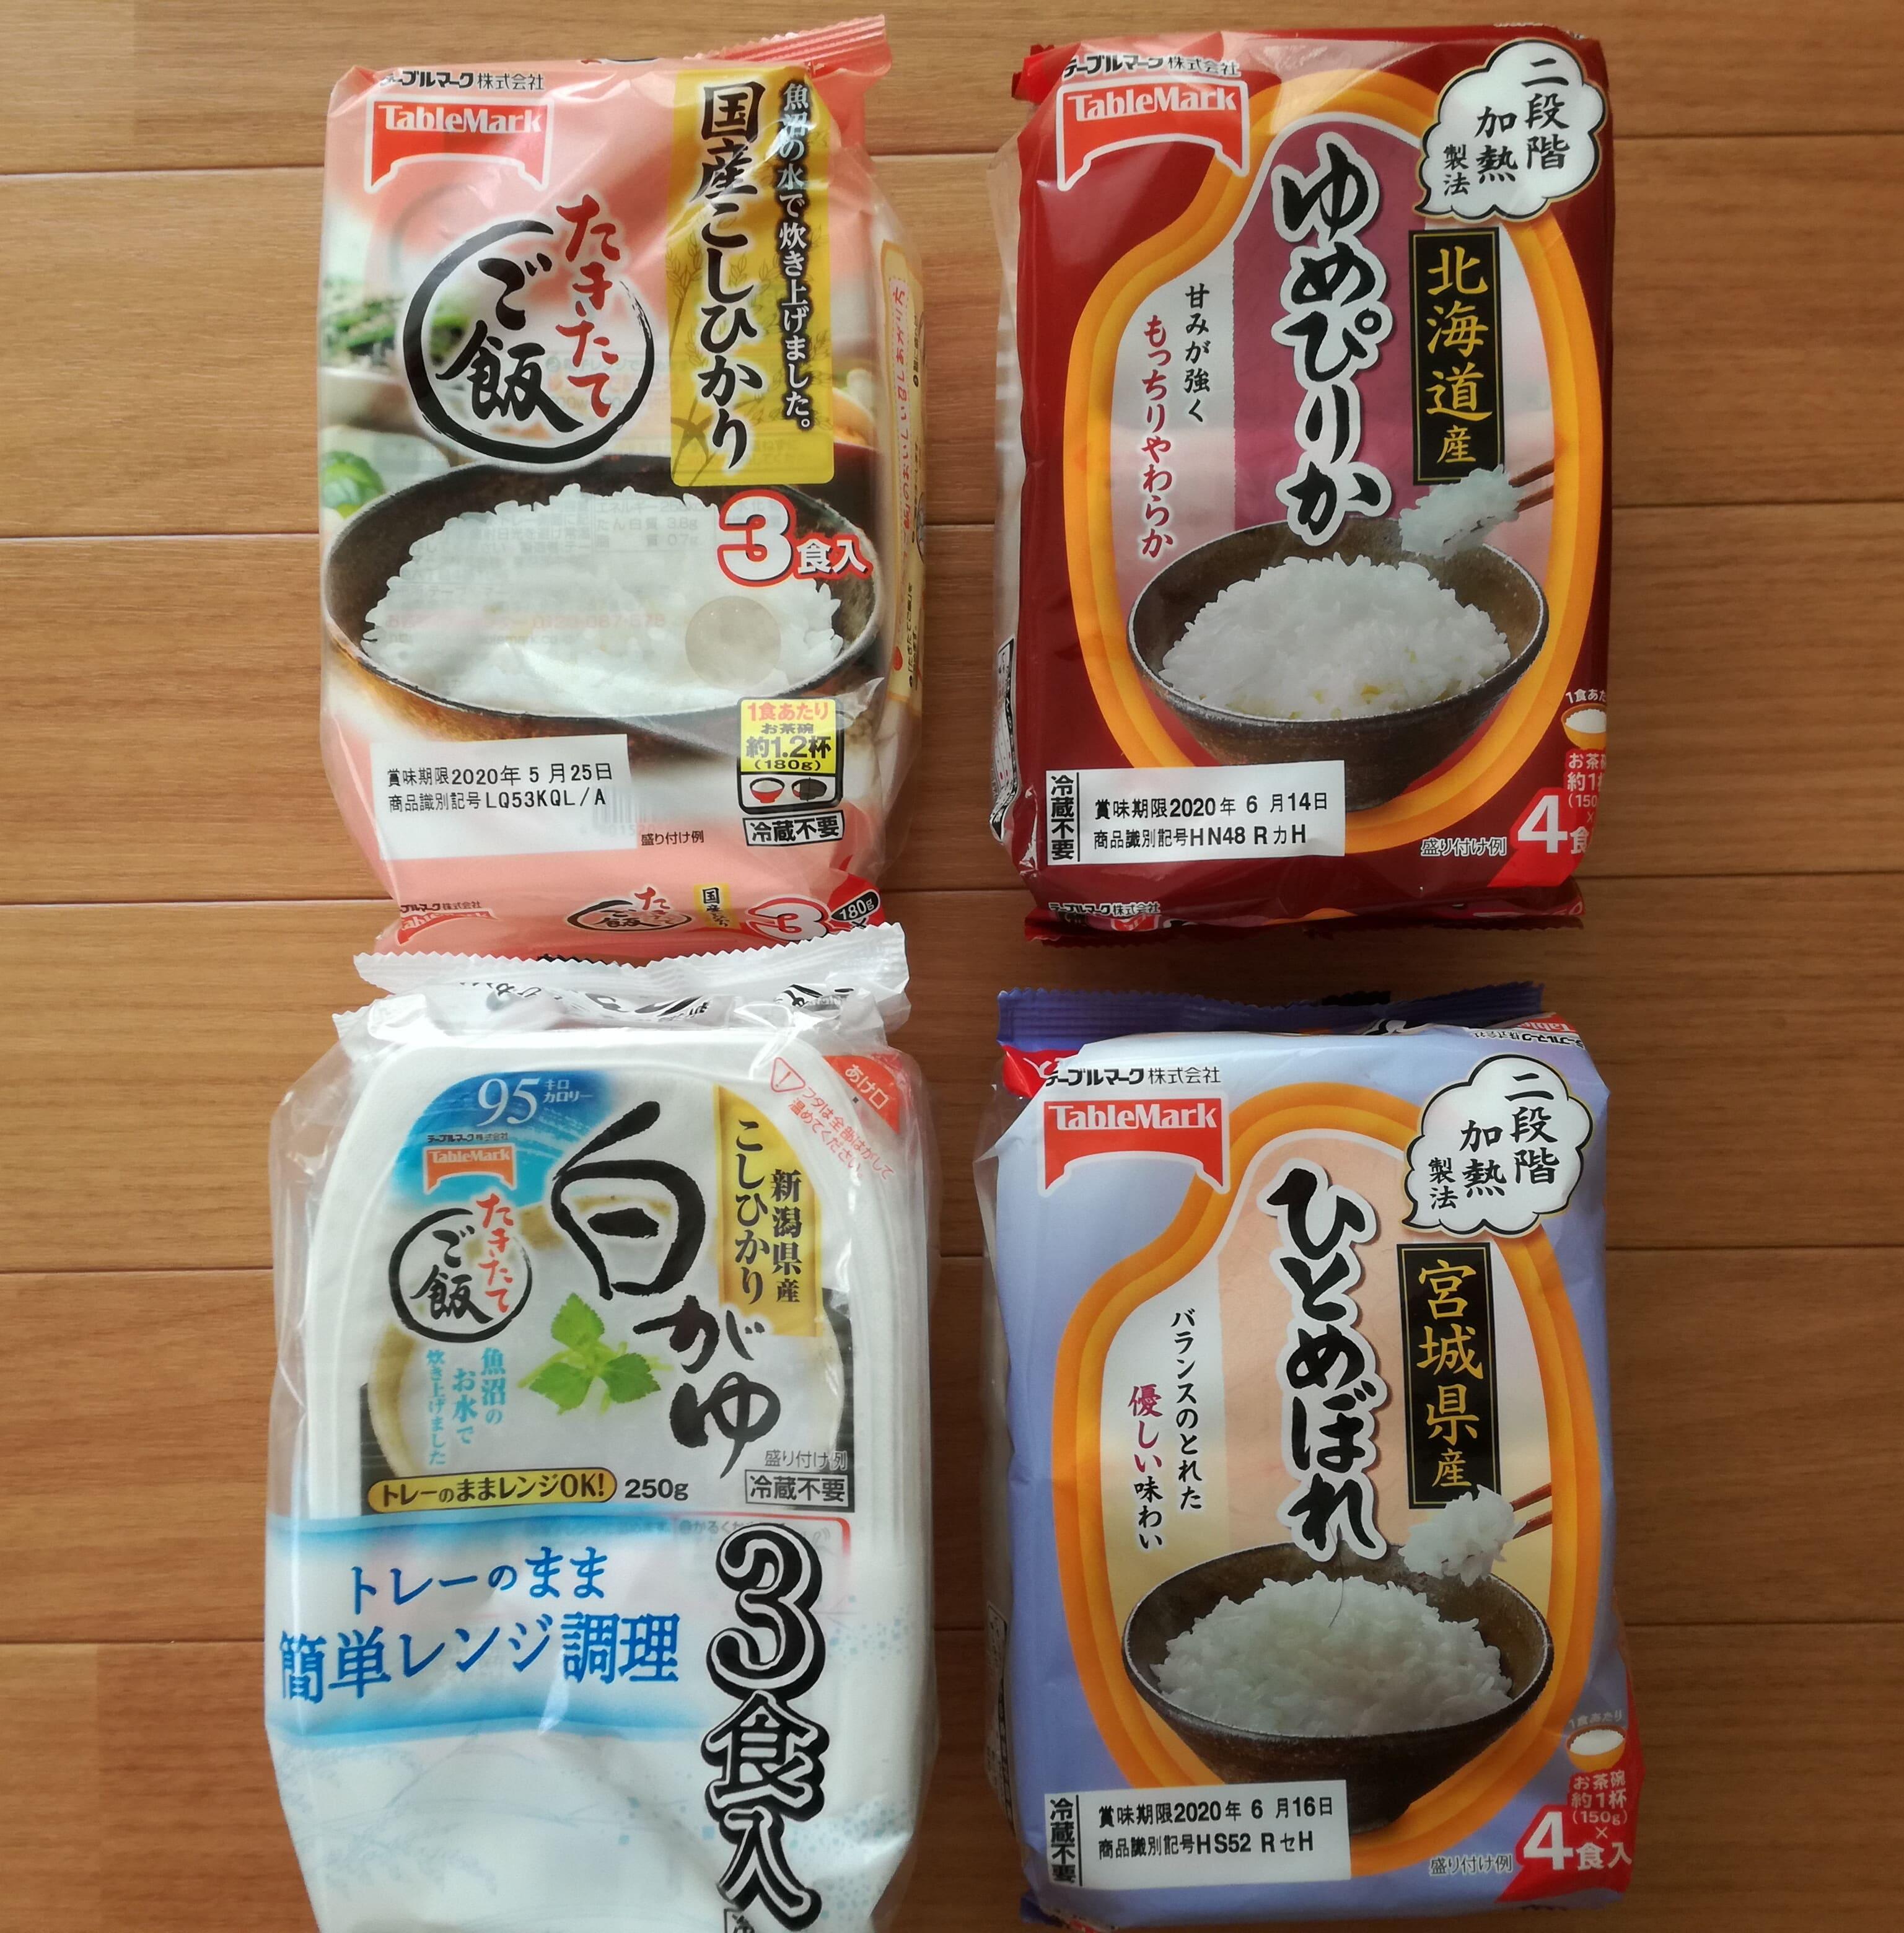 含み損は16万円弱だけど、日本たばこ産業/JT(2914)から株主優待が2名義分到着!